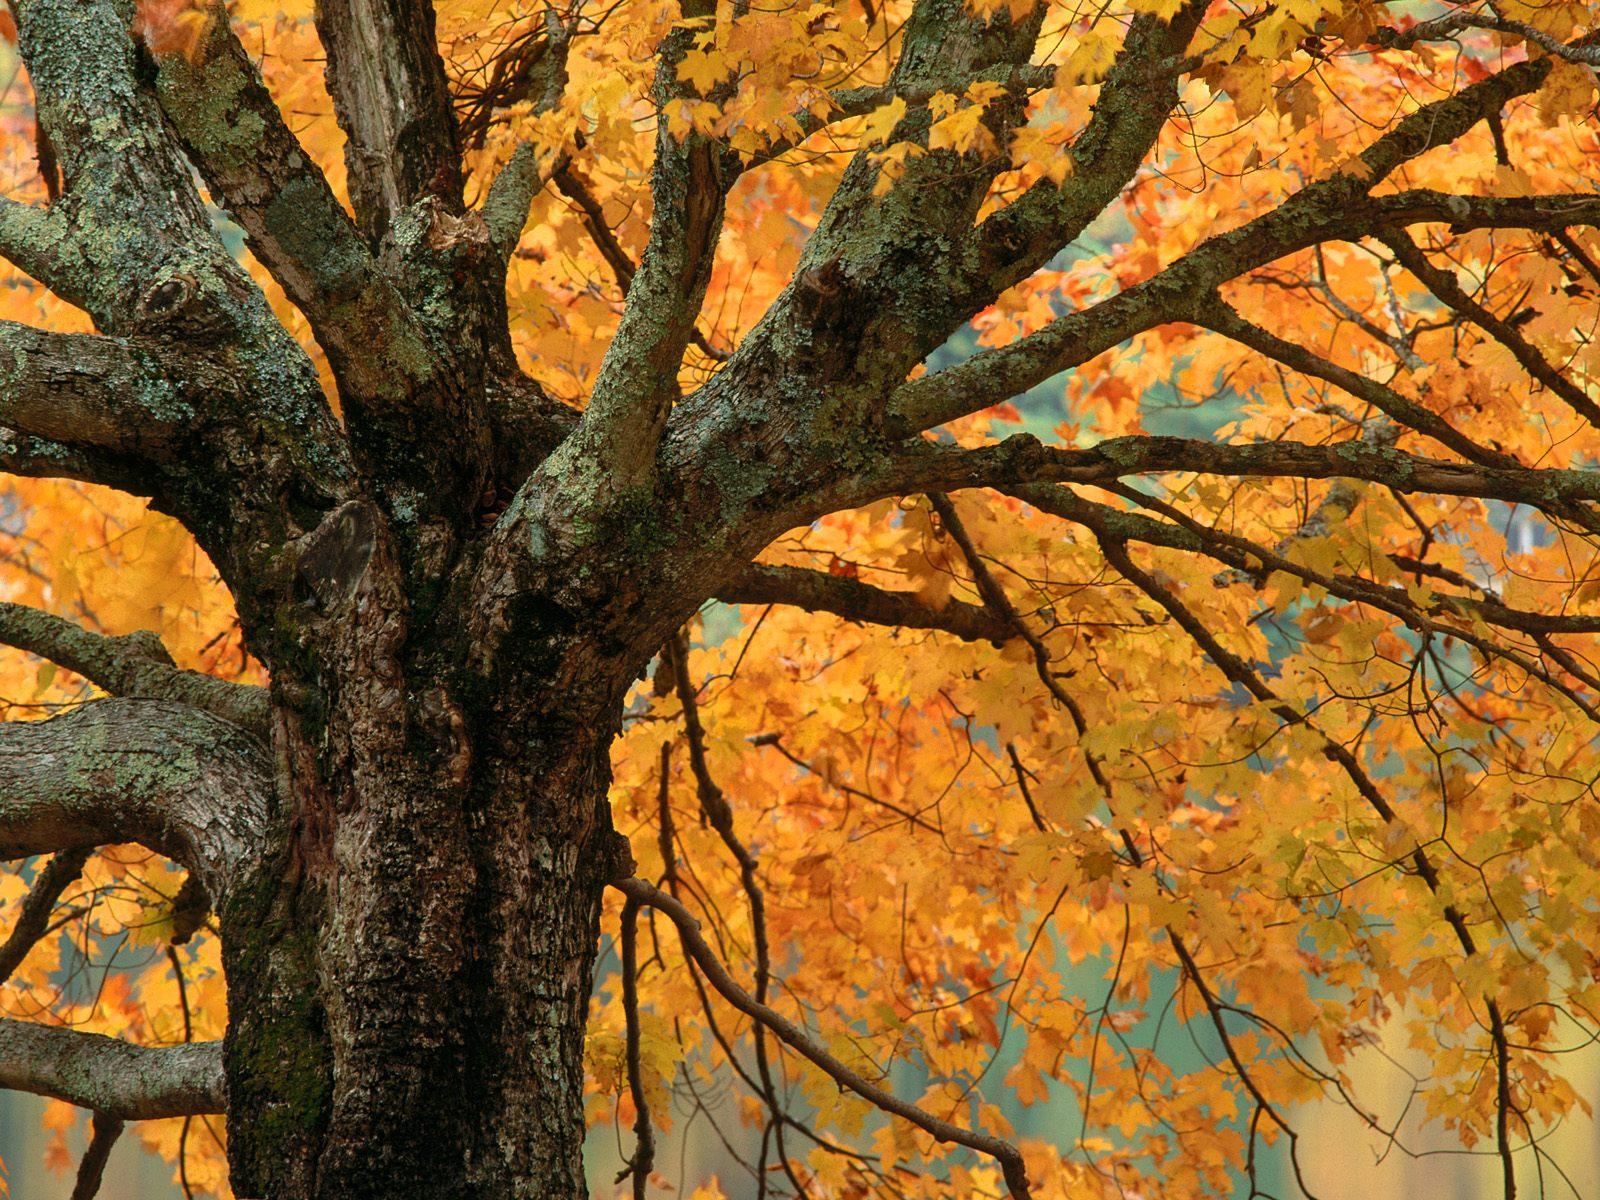 Sonbahardan Güzel Manzaralar - Sonbahar Ağacı